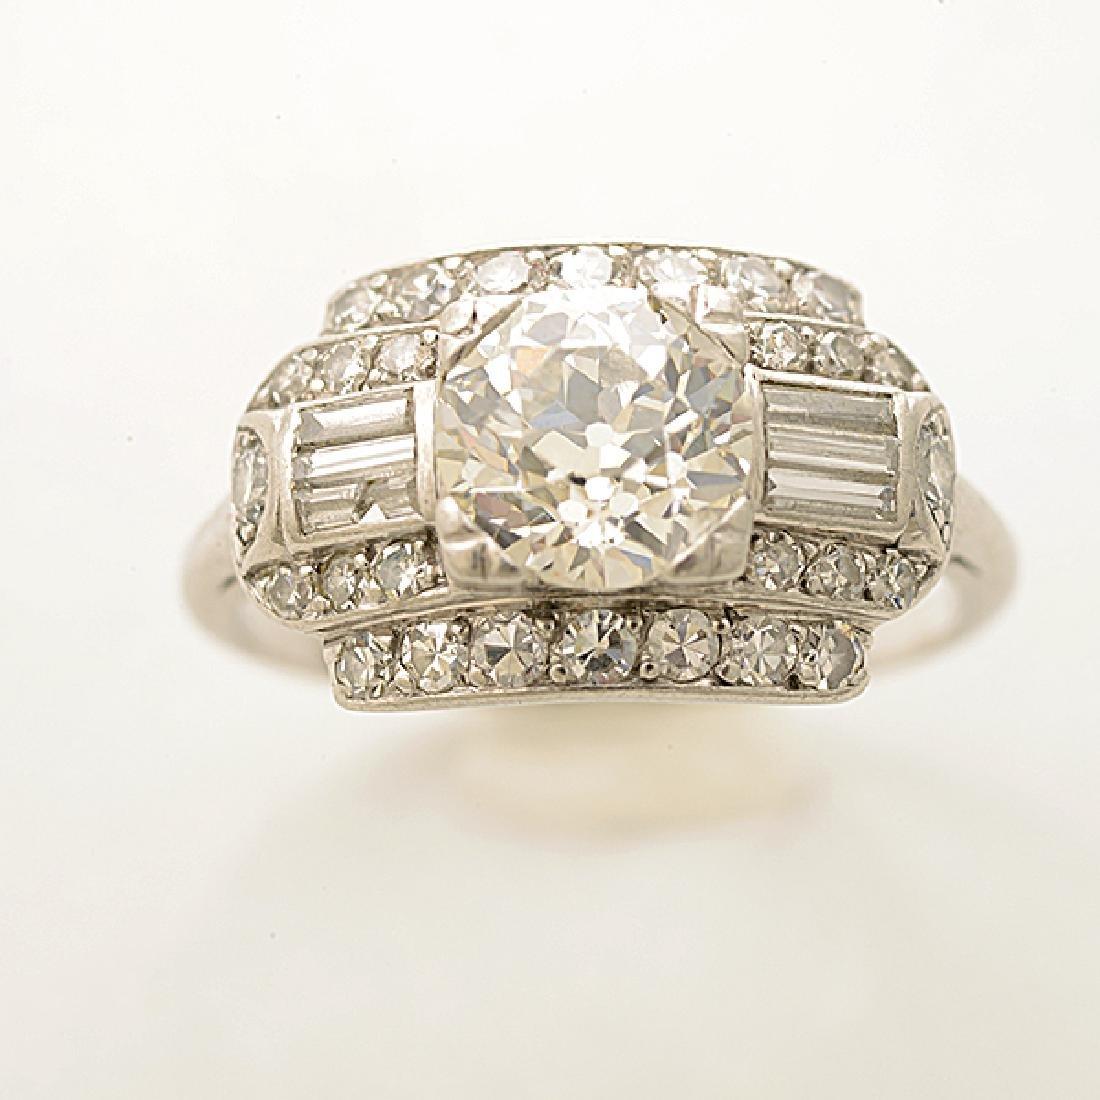 Art Deco Diamond, Platinum Ring. - 2